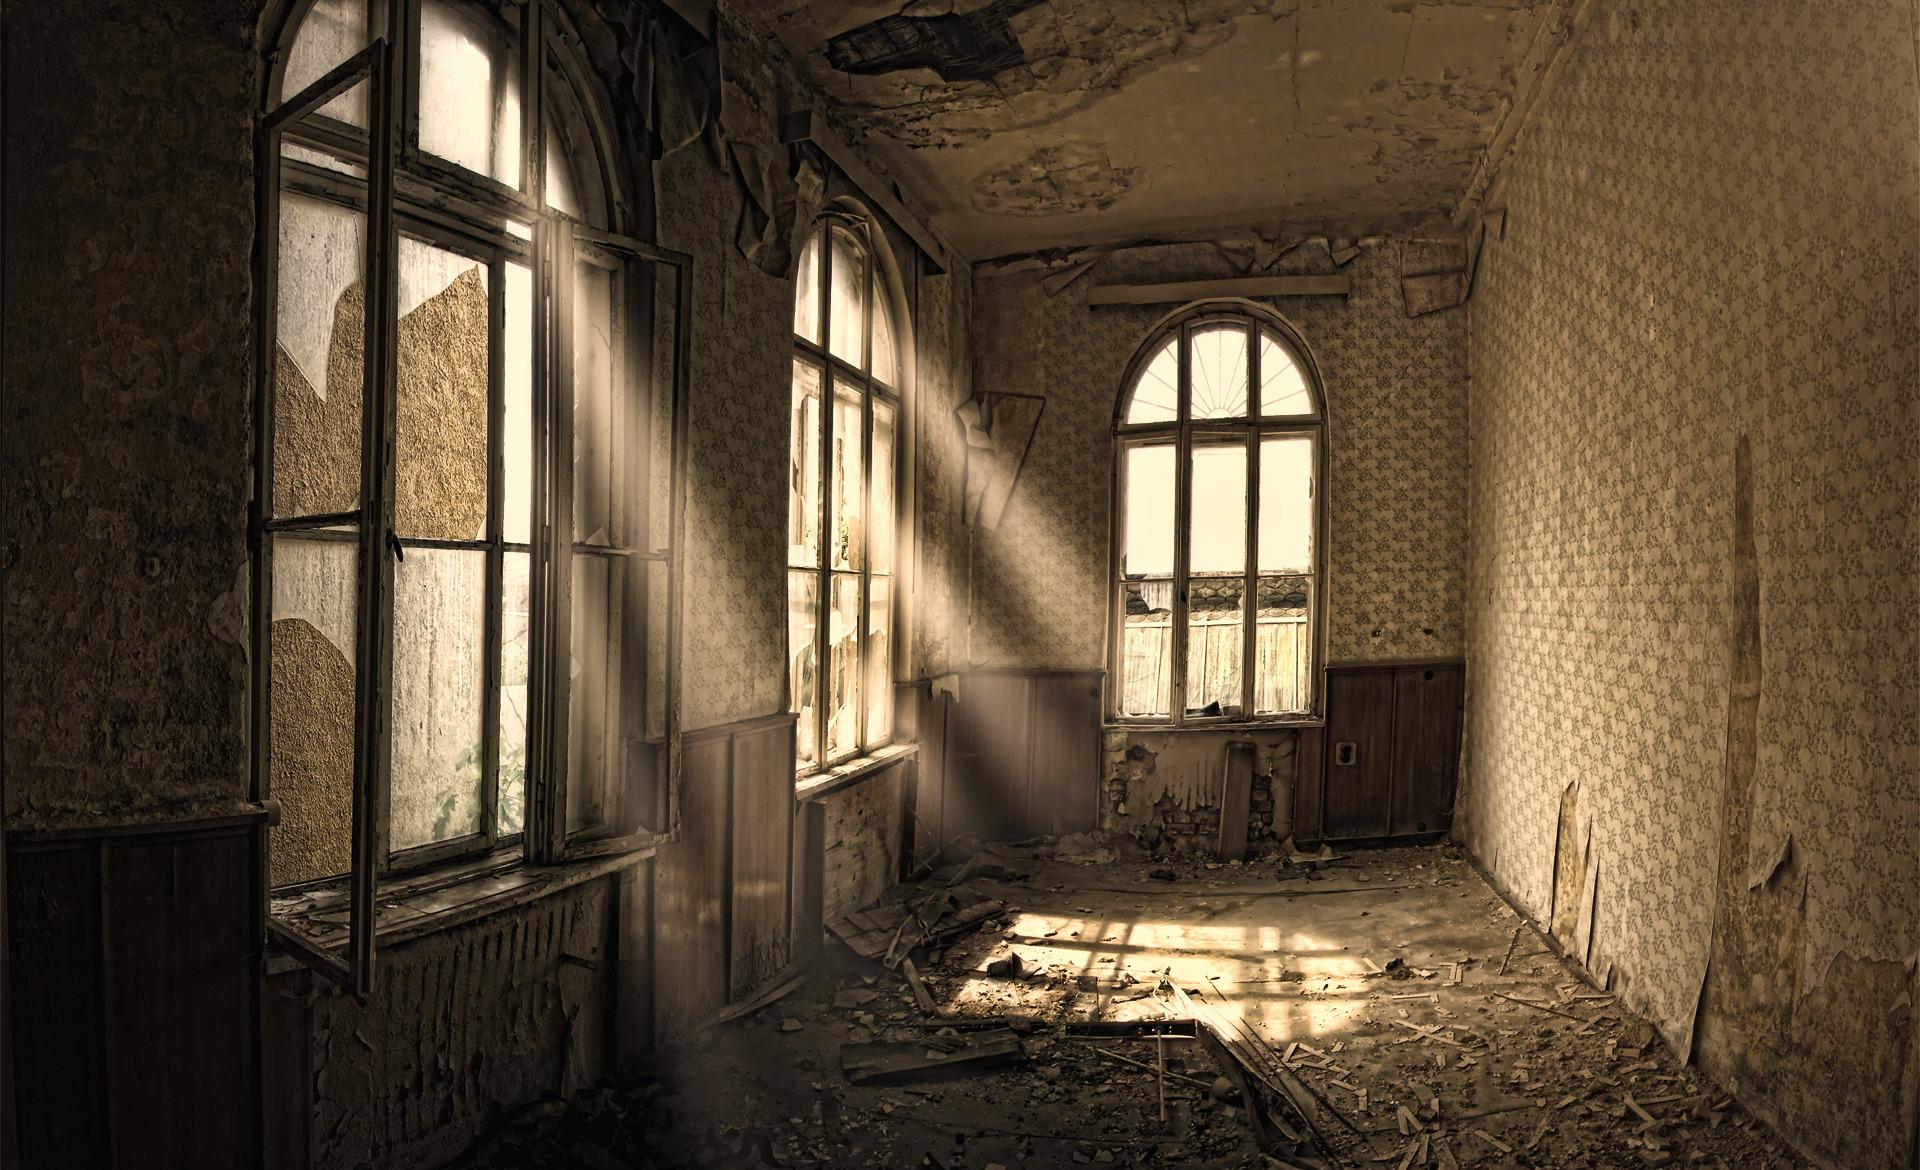 заброшенный дом двери окна коридор  № 2195336 без смс